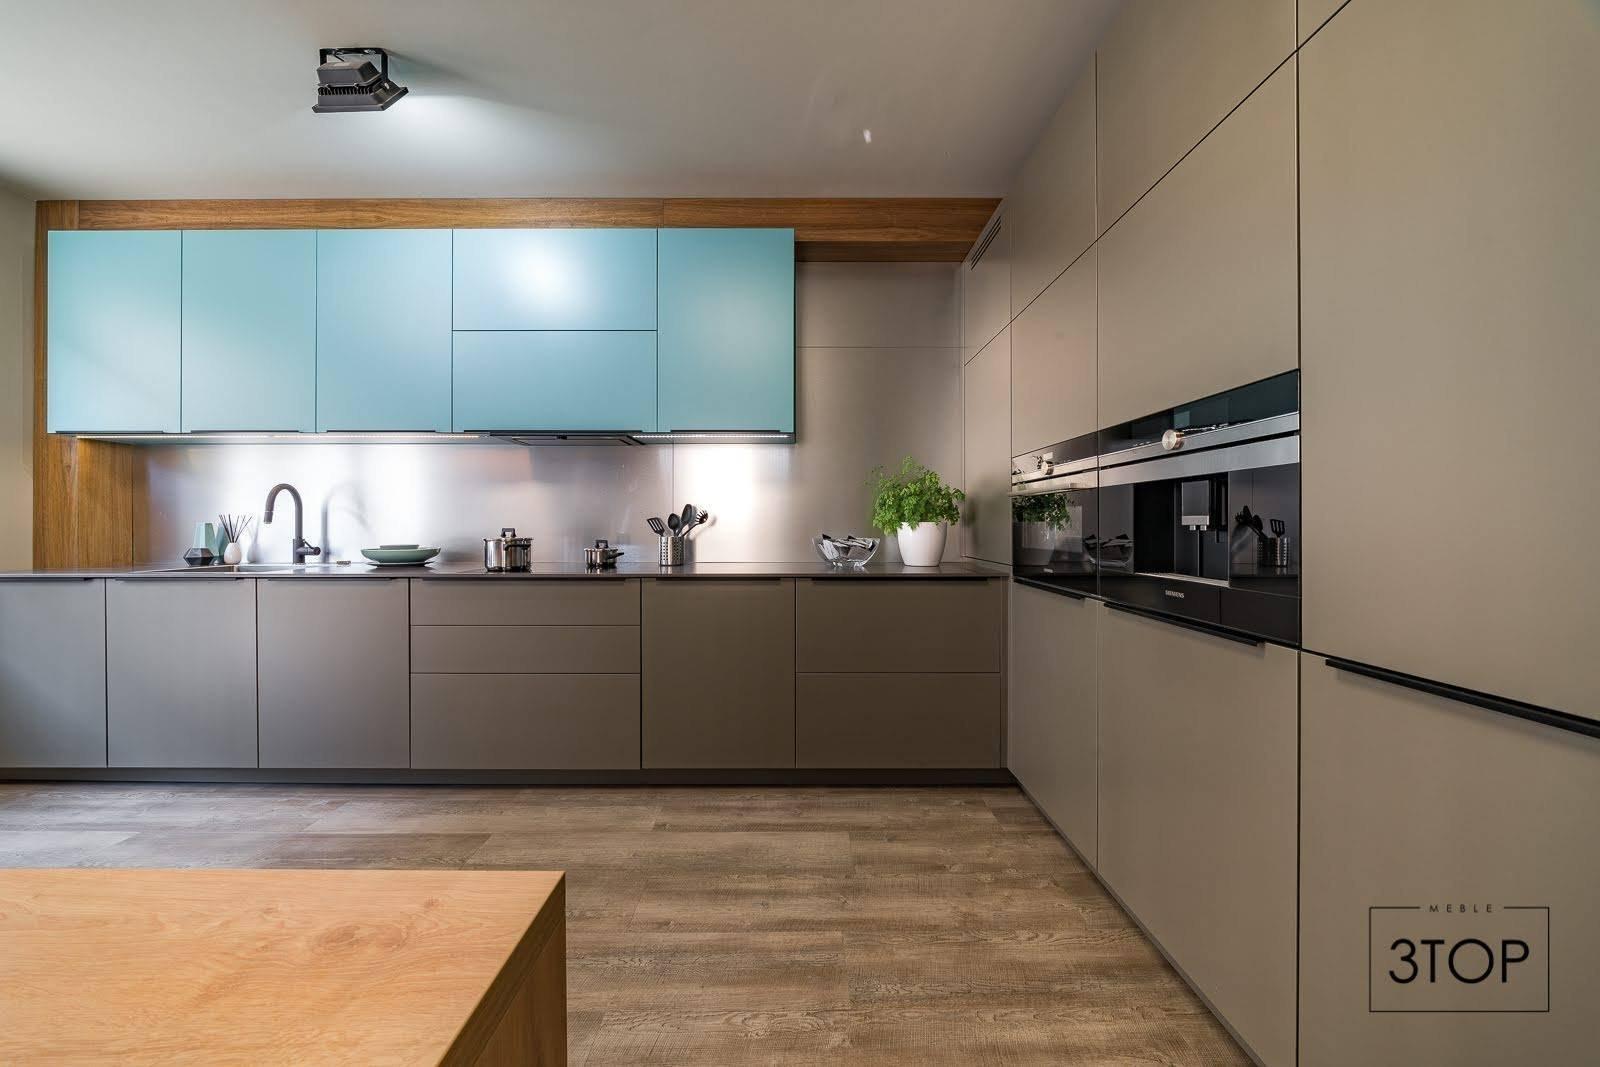 O modré barvě se říká, že má relaxační a uklidňující účinky. Právě (a nejen) z tohoto důvodu si tuto barvu, jež patří do palety studených barev, vybírá do svých interiérů mnoho z nás. To, že je tato barva vhodná do ložnice, víme snad všichni. Ale co kuchyně?